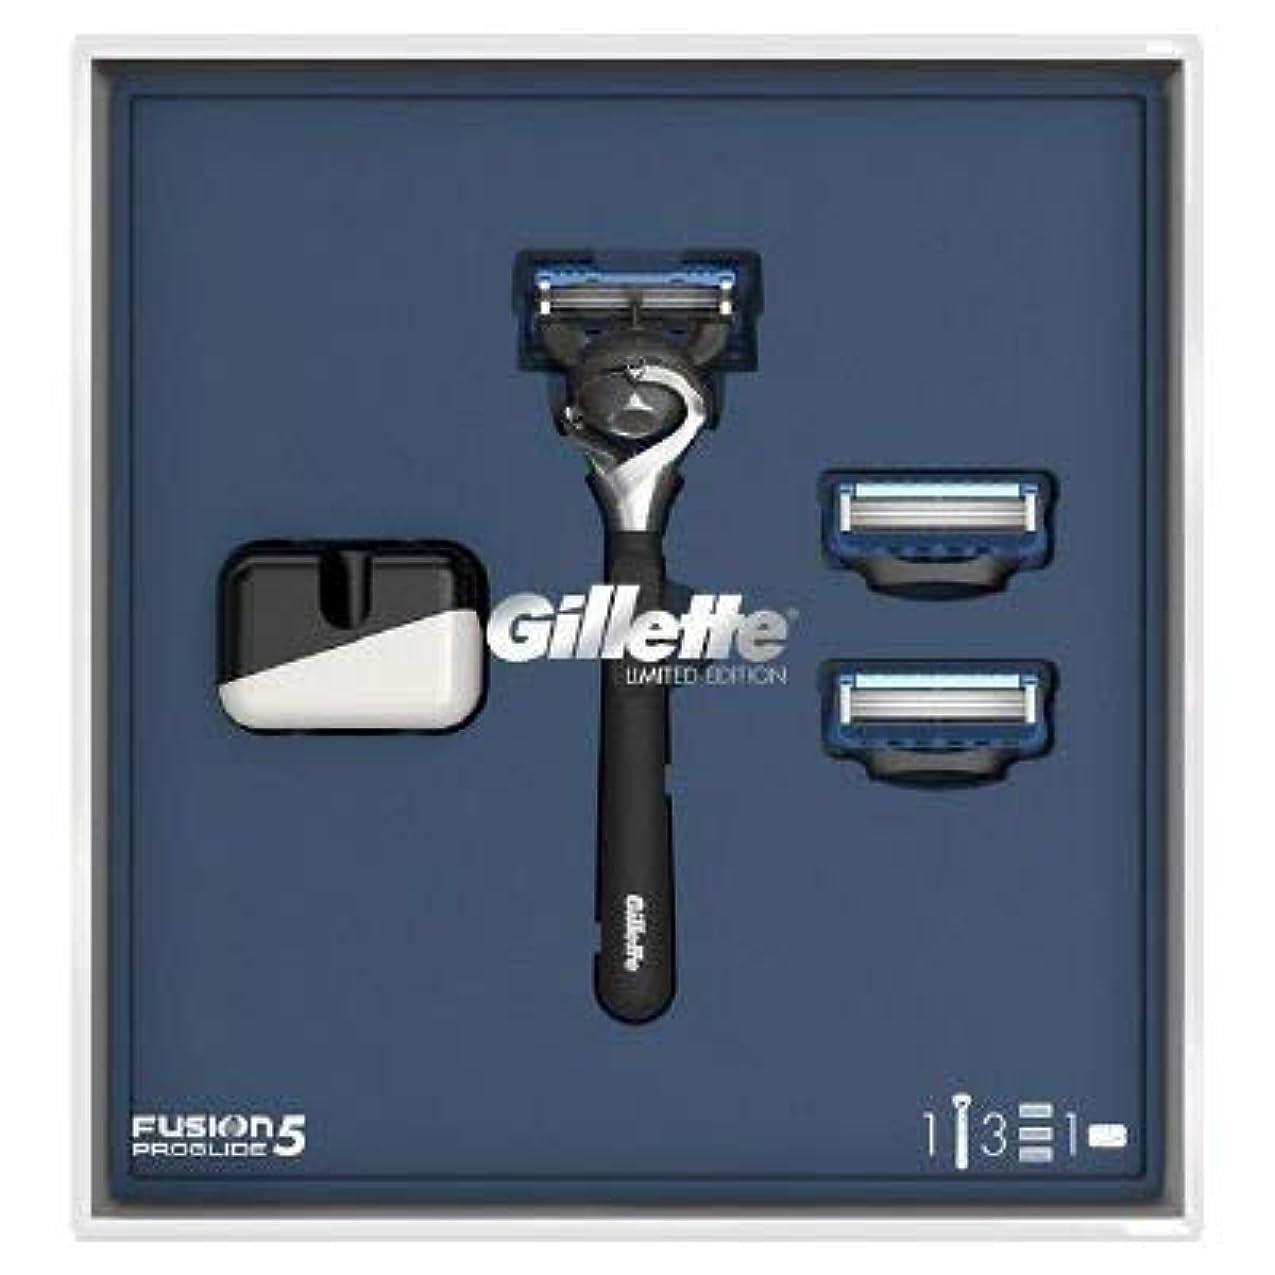 レンズ攻撃散髪(ジレット)Gilette プログライド 髭剃り本体+替刃3個 オリジナルスタンド付き スペシャルパッケージ P&G